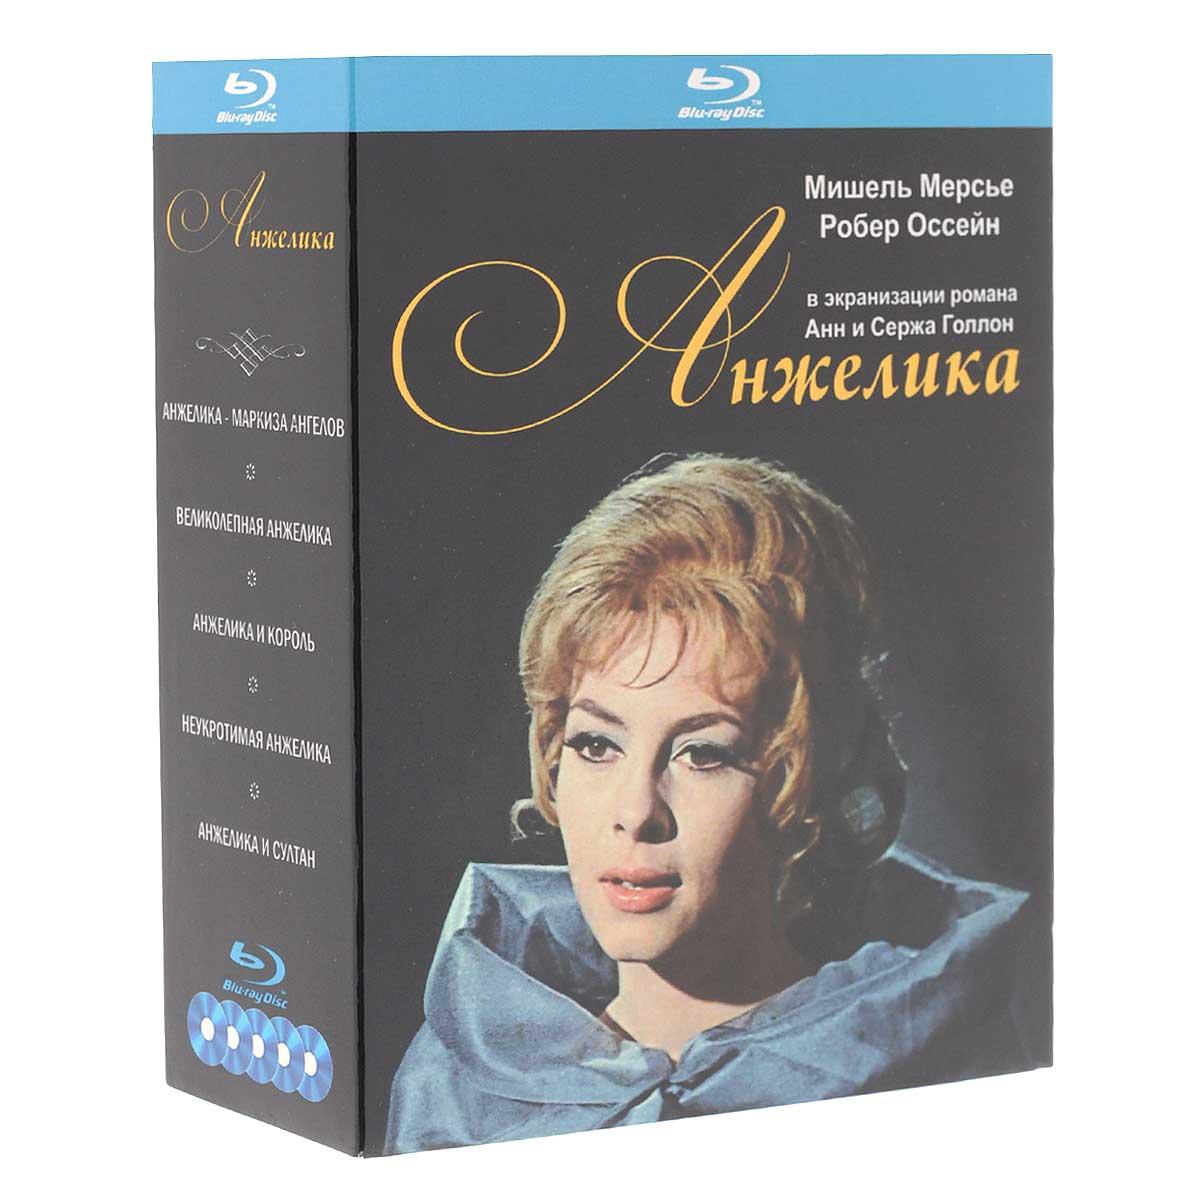 Анжелика: Коллекция (5 Blu-ray)